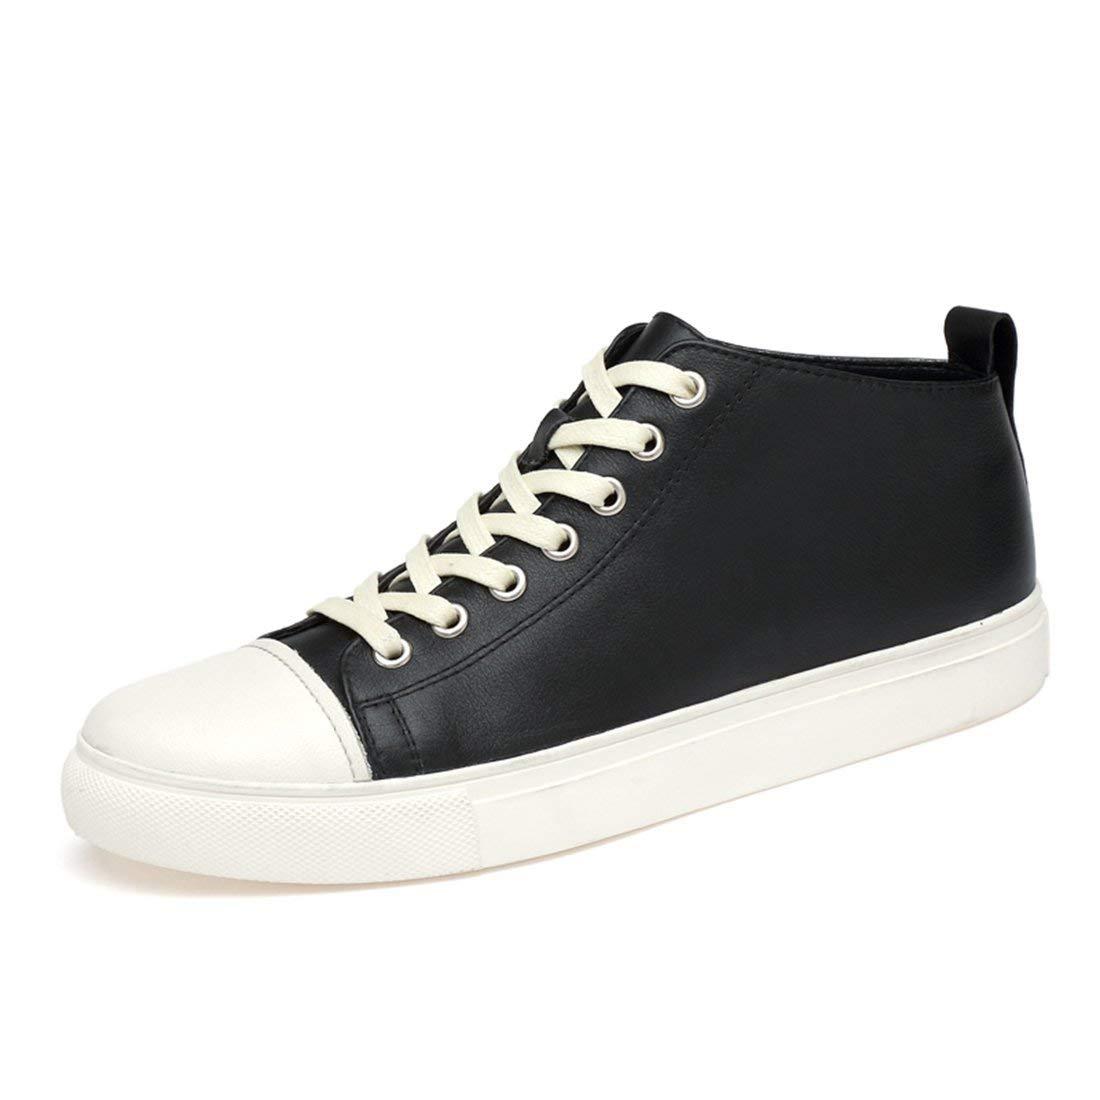 Qiusa Herren Lifestyle Outdoor Gummisohle Mode Turnschuhe (Farbe   schwarz Weiß, Größe   7 UK)